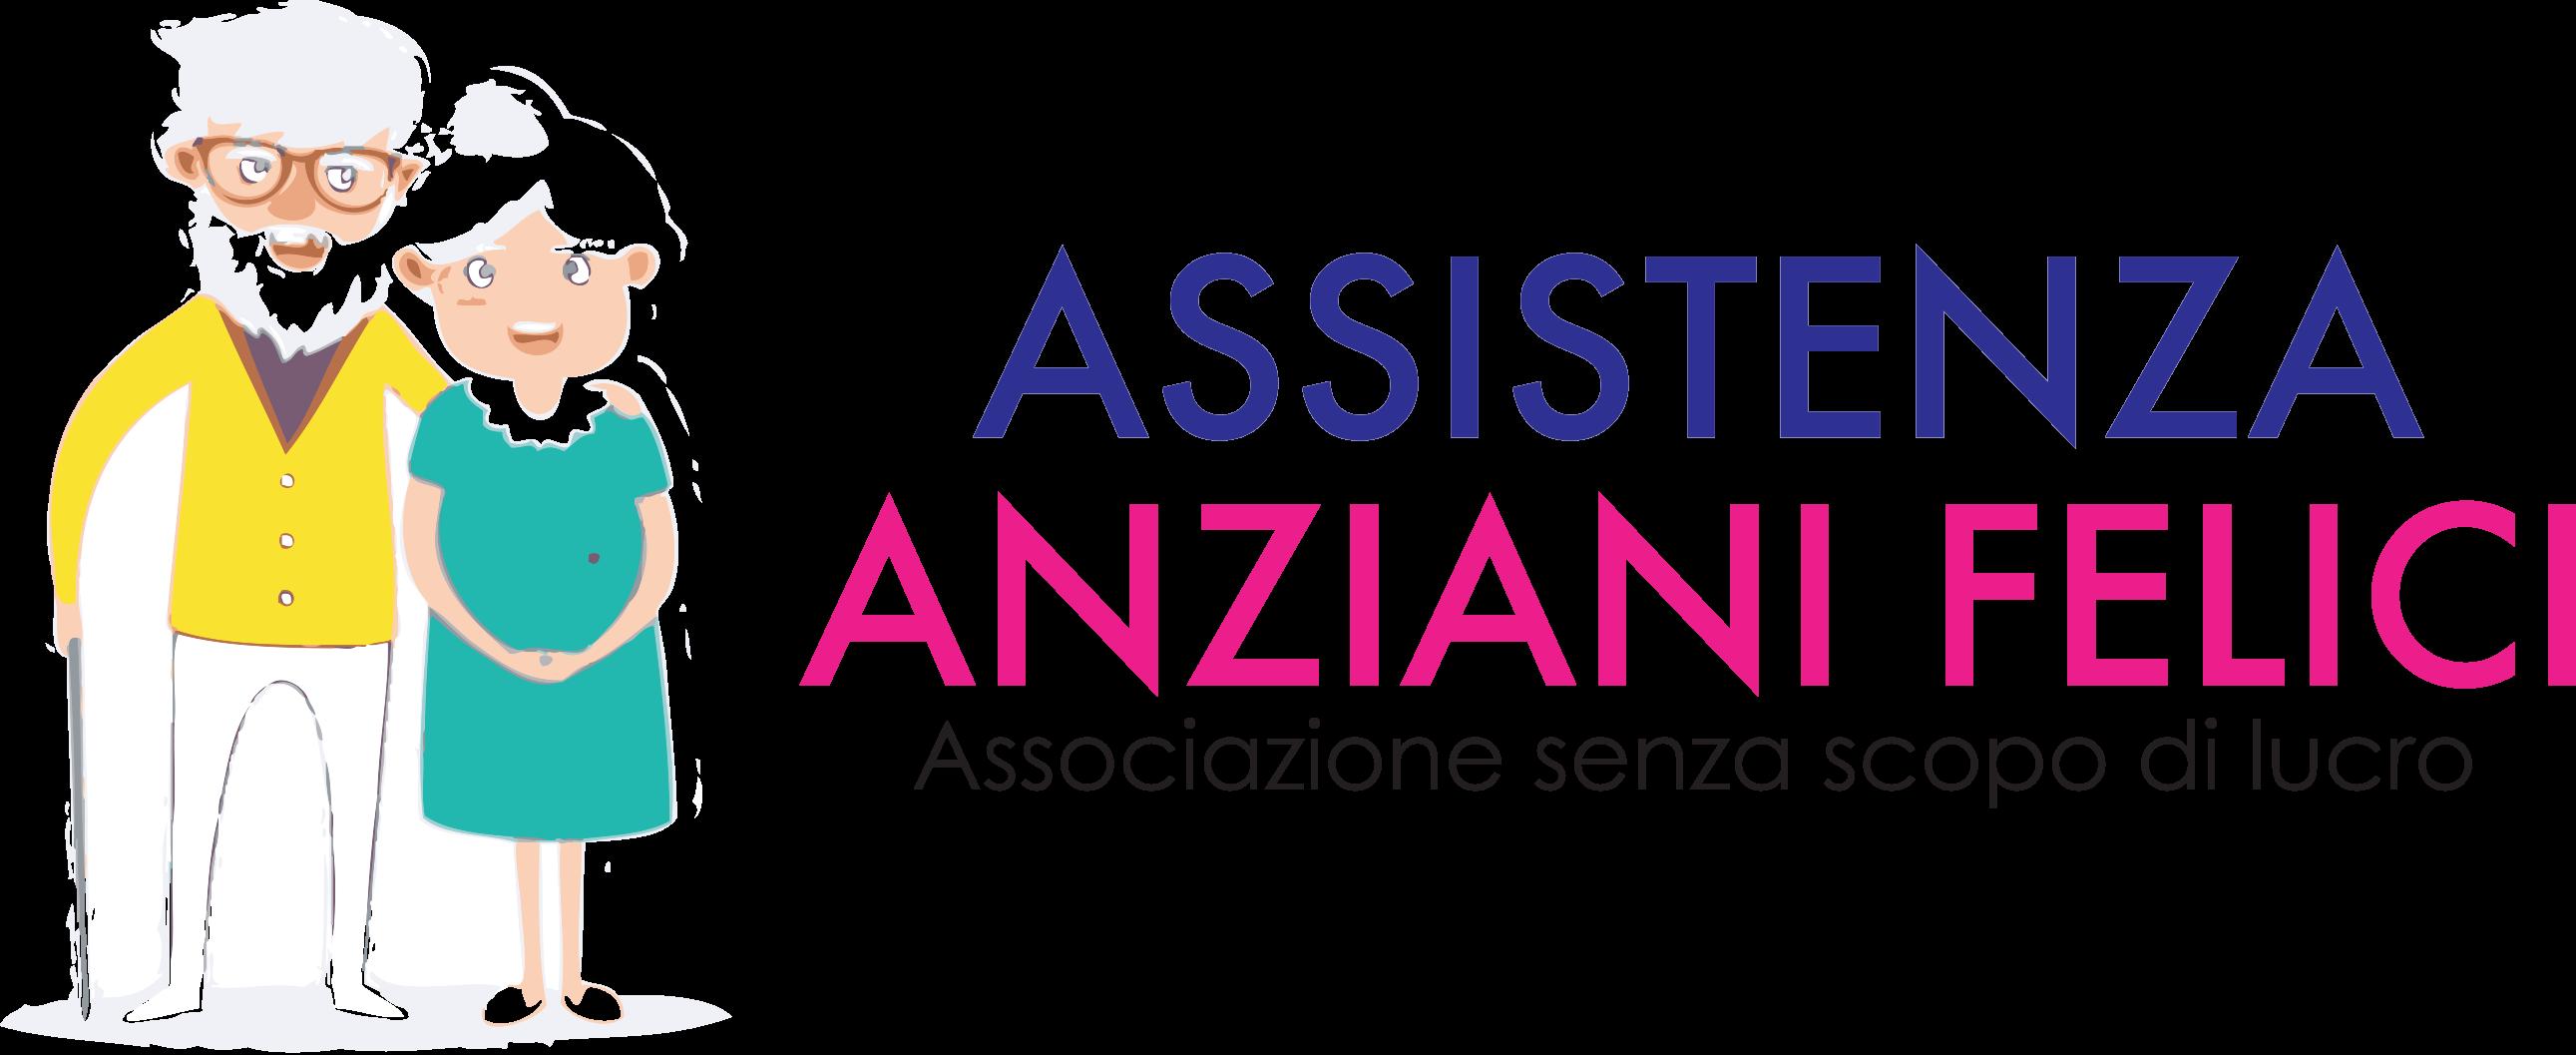 Assistenza Anziani Felici e Smedile Fc Napoli : La partnership inizia!